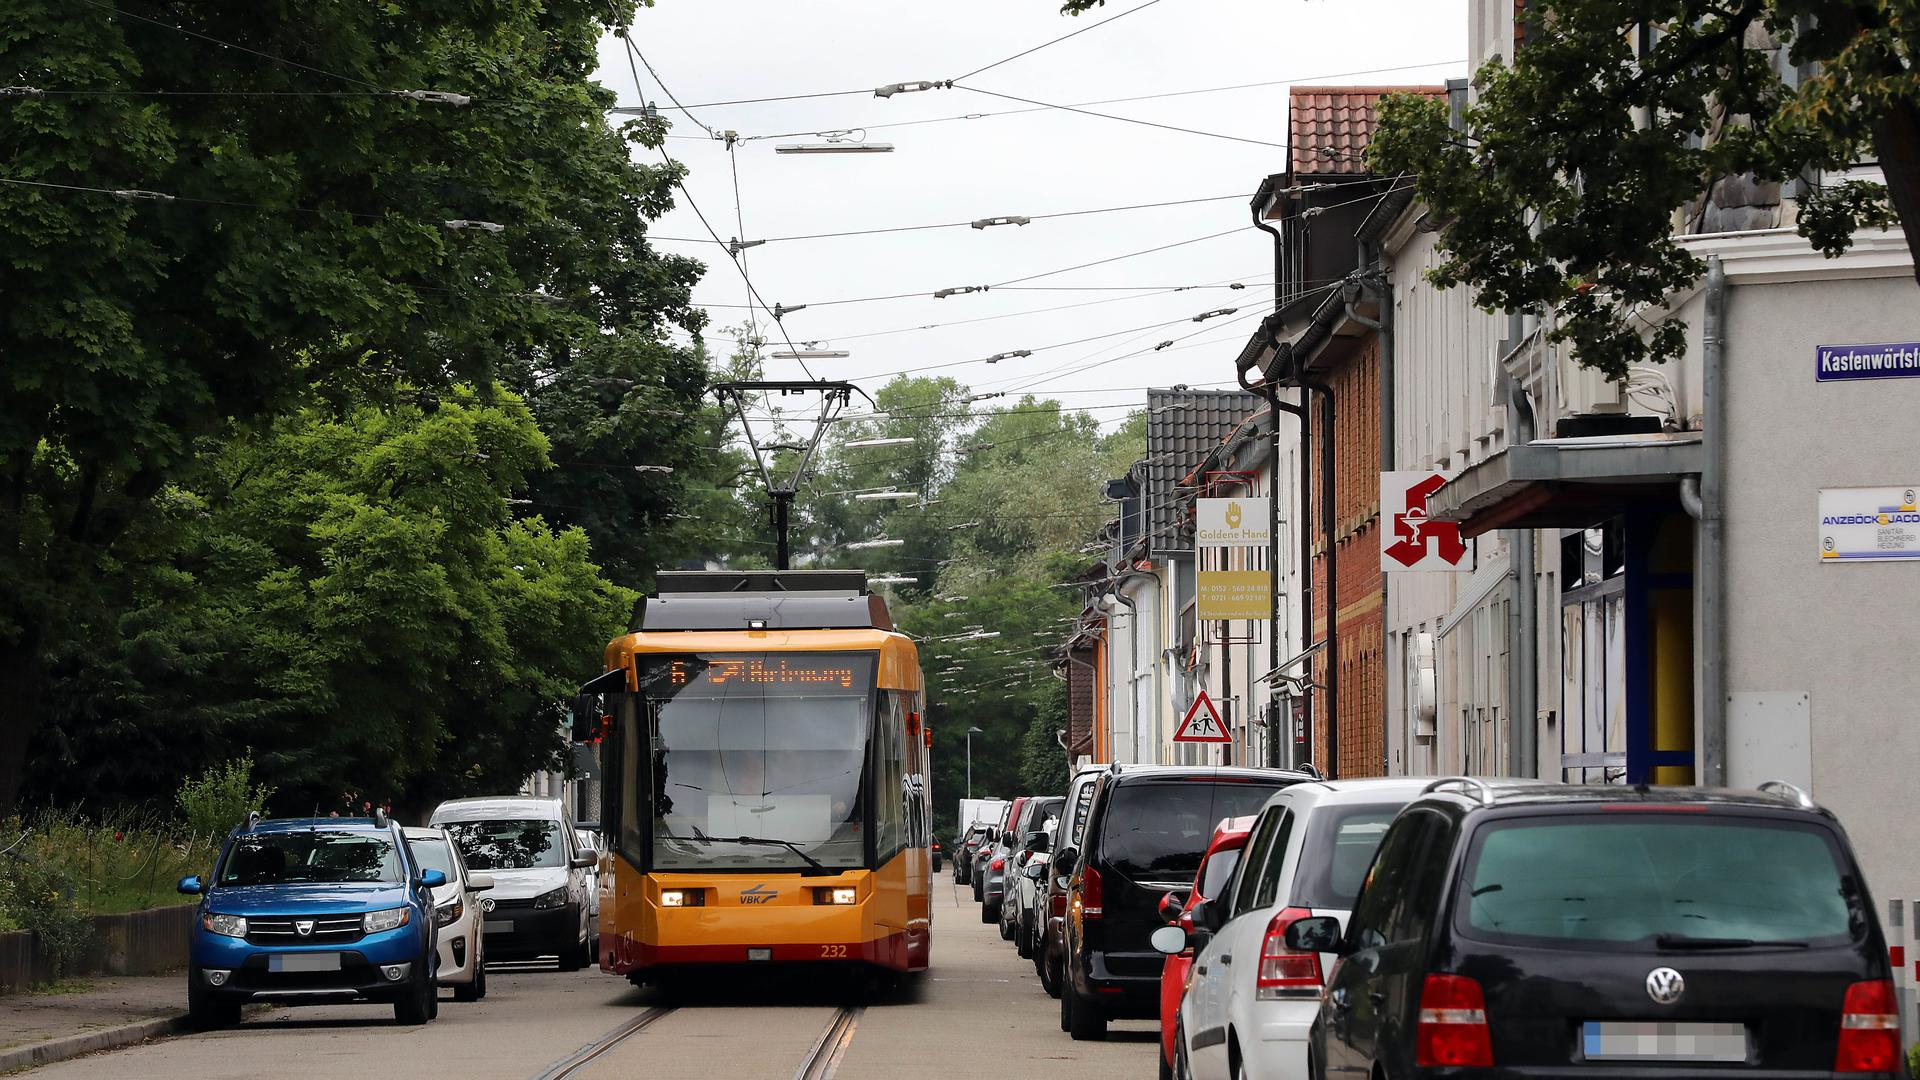 © Jodo-Foto /  Joerg  Donecker// 1.07.2021 Strassenbahn Daxlanden , Foto: Haltestelle Kirchplatz,                                                               -Copyright - Jodo-Foto /  Joerg  Donecker Sonnenbergstr.4 D-76228 KARLSRUHE TEL:  0049 (0) 721-9473285FAX:  0049 (0) 721 4903368 Mobil: 0049 (0) 172 7238737E-Mail:  joerg.donecker@t-online.deSparkasse Karlsruhe  IBAN: DE12 6605 0101 0010 0395 50, BIC: KARSDE66XXSteuernummer 34140/28360Veroeffentlichung nur gegen Honorar nach MFMzzgl. ges. Mwst.  , Belegexemplarund Namensnennung. Es gelten meine AGB.